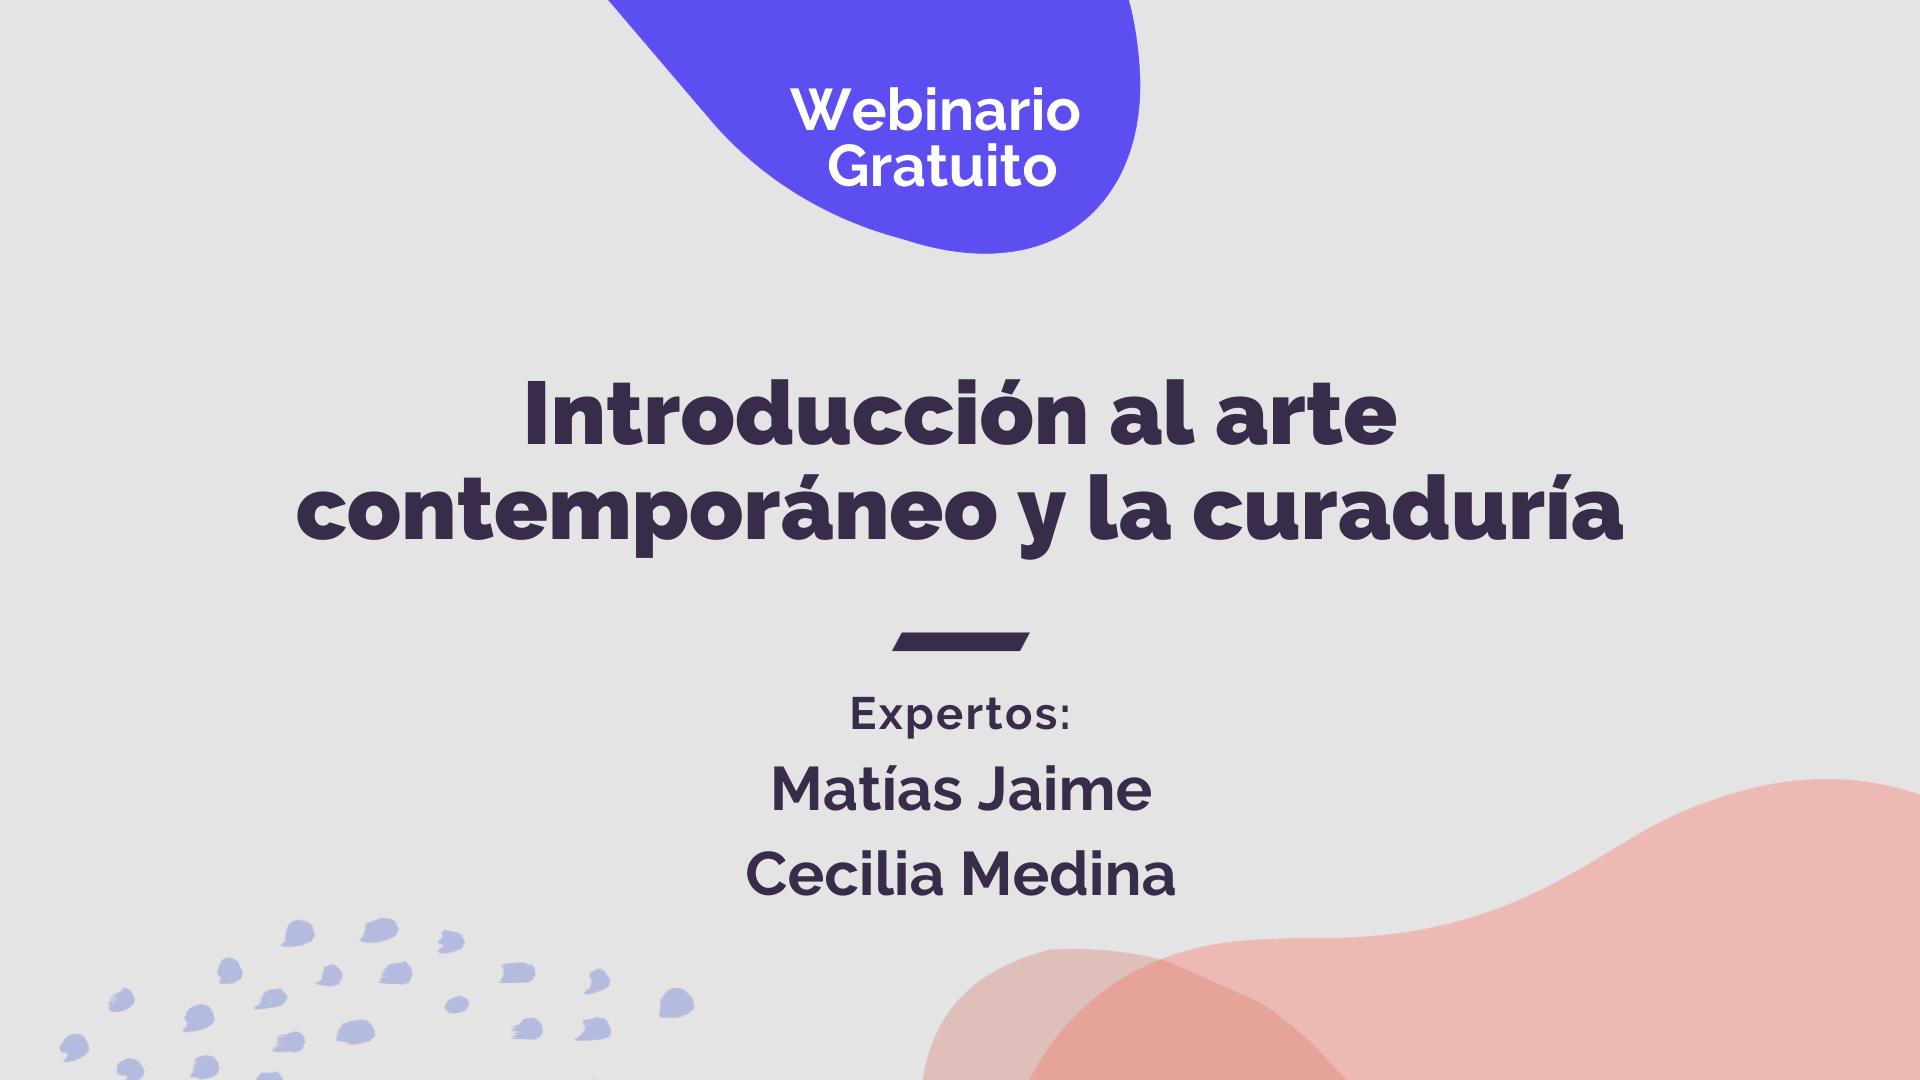 Introducción al arte contemporáneo y la curaduría